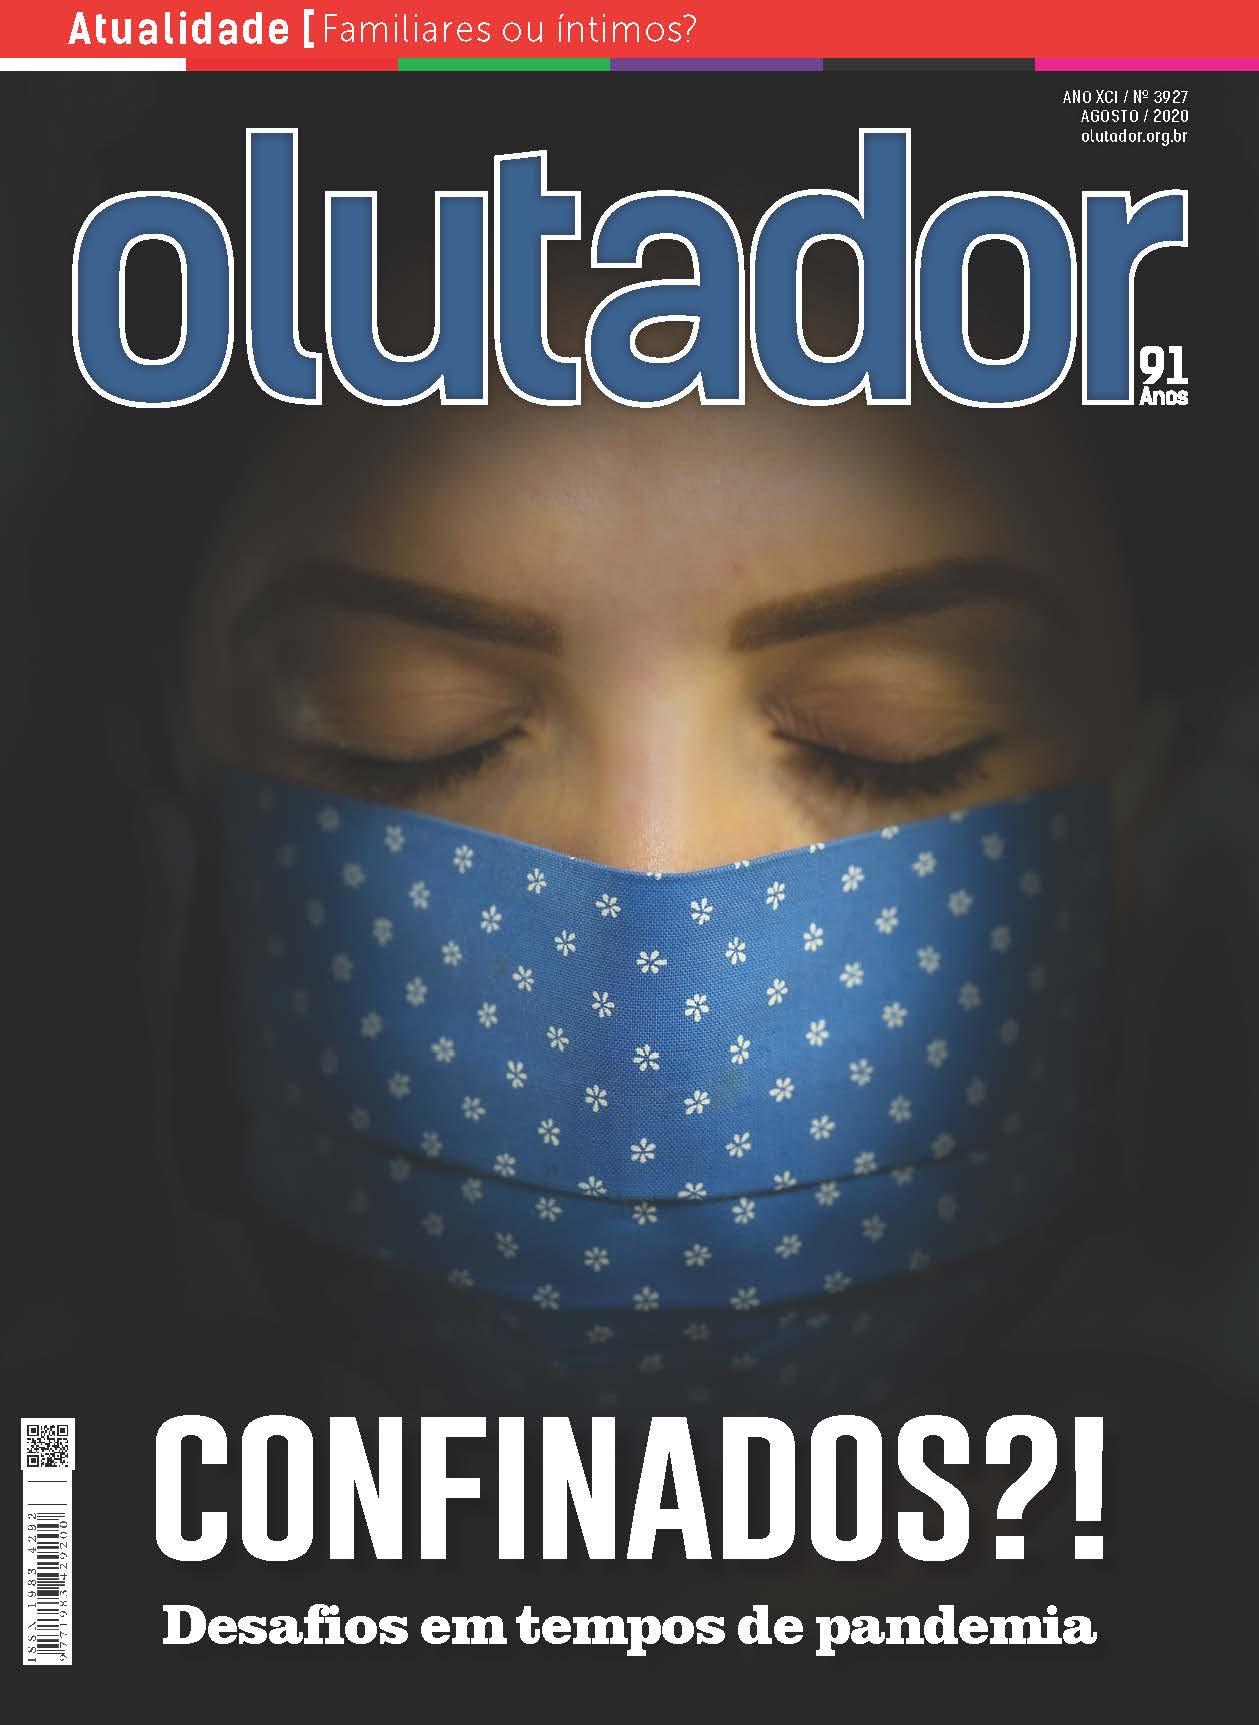 Confinados desafios em tempo de pandemia